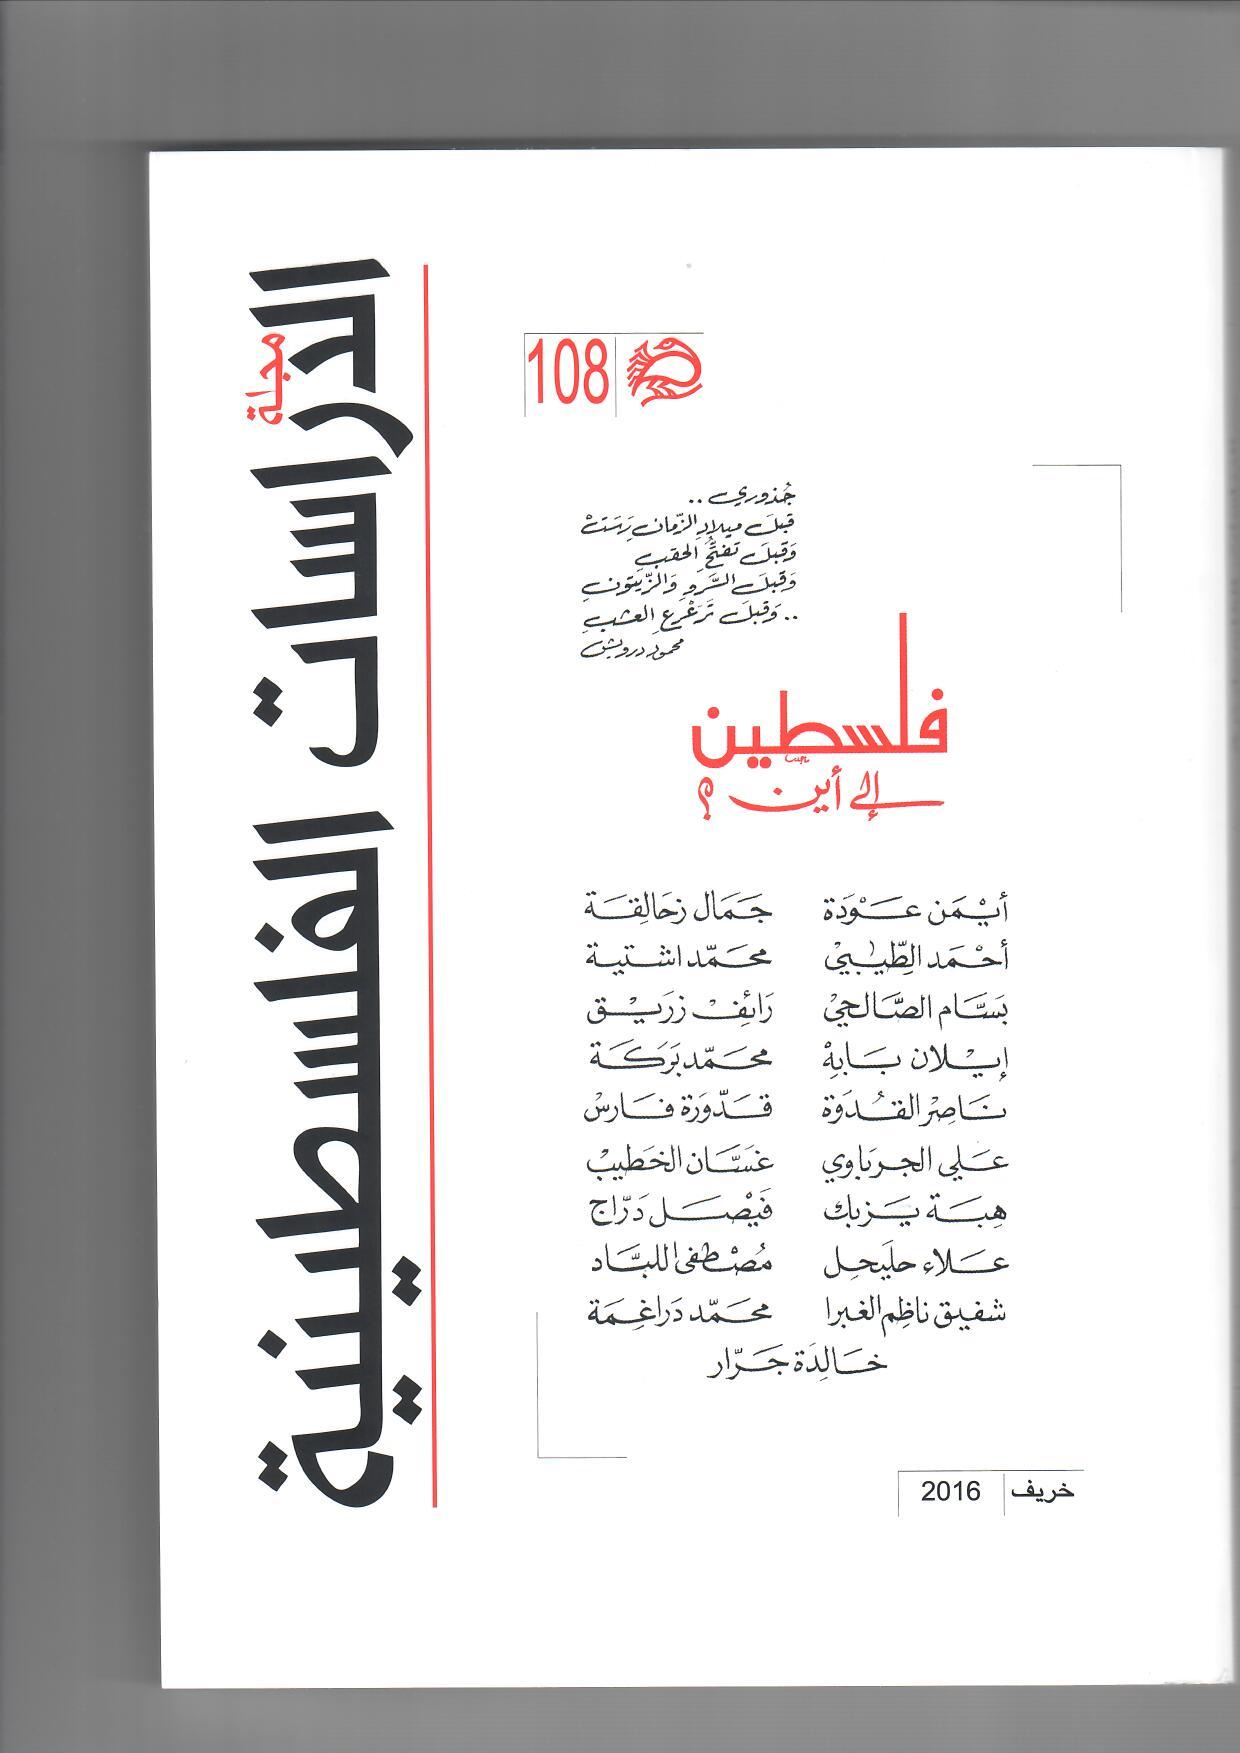 صدور العدد 108 من مجلة الدراسات الفلسطينية